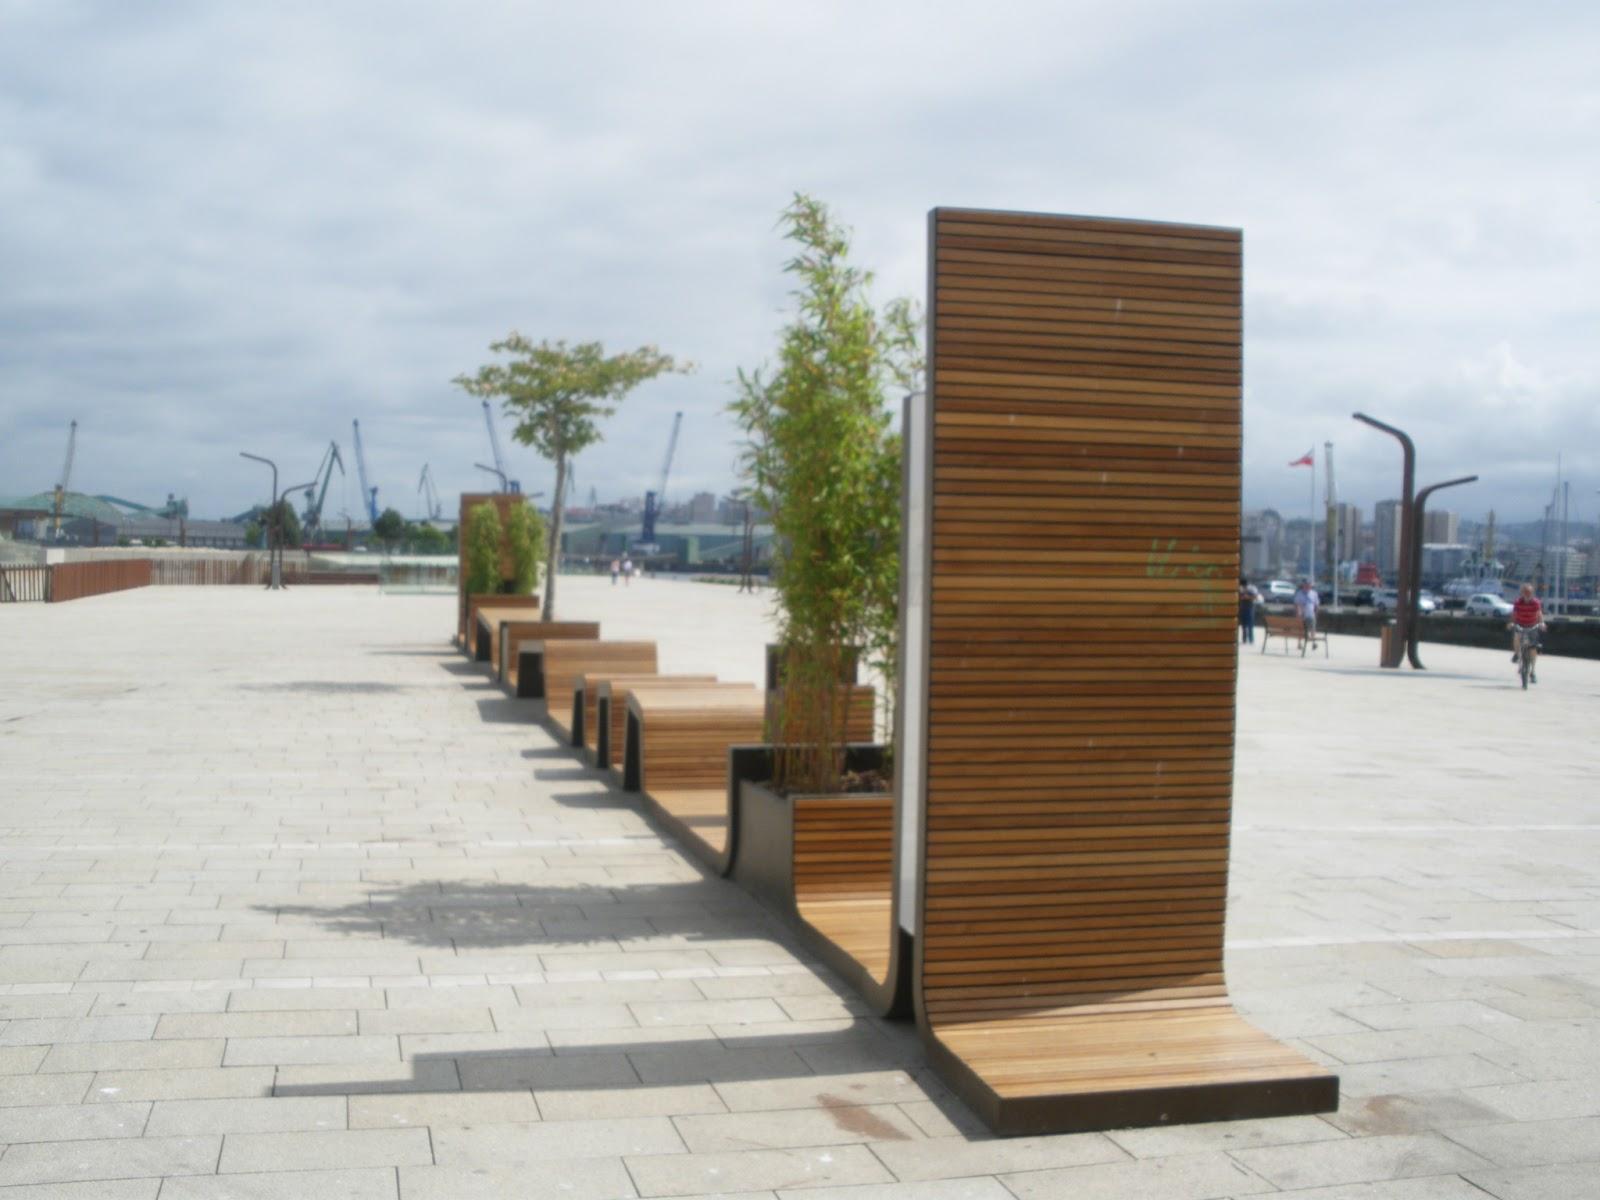 Mobiliario urbano arquitectura medidas de cajones de for Equipamiento urbano arquitectura pdf